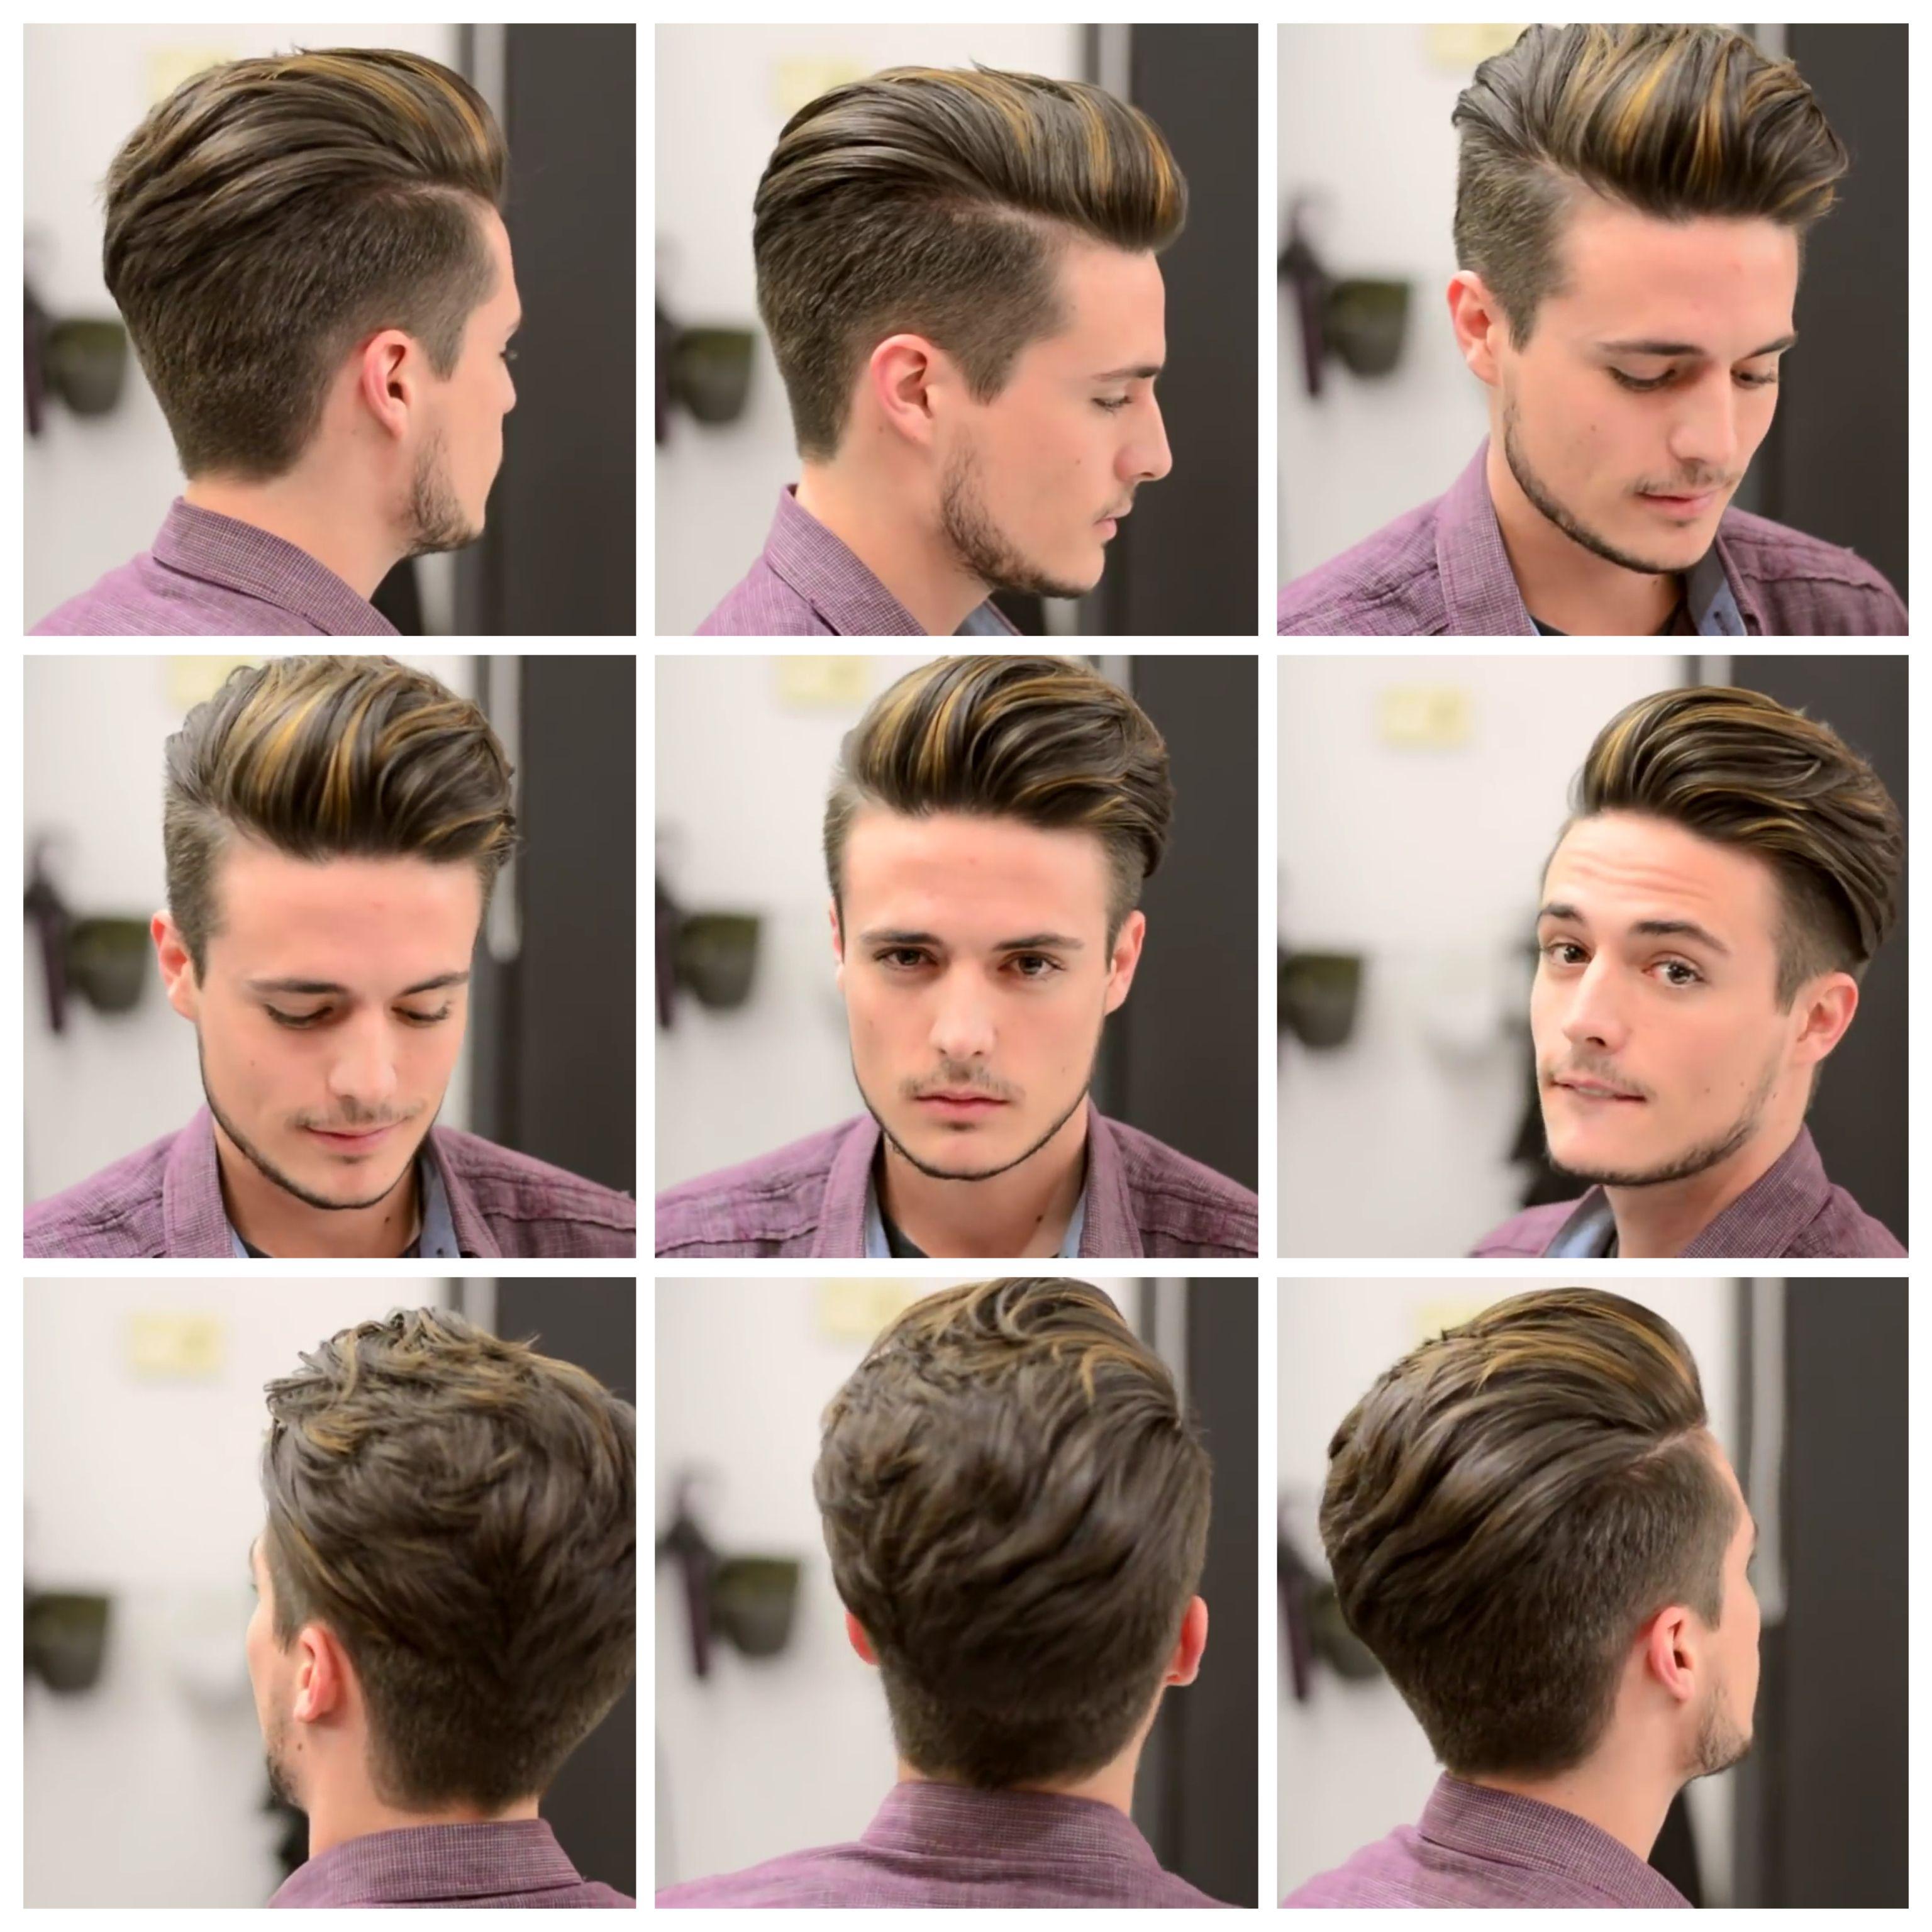 #hairandbeardstyles